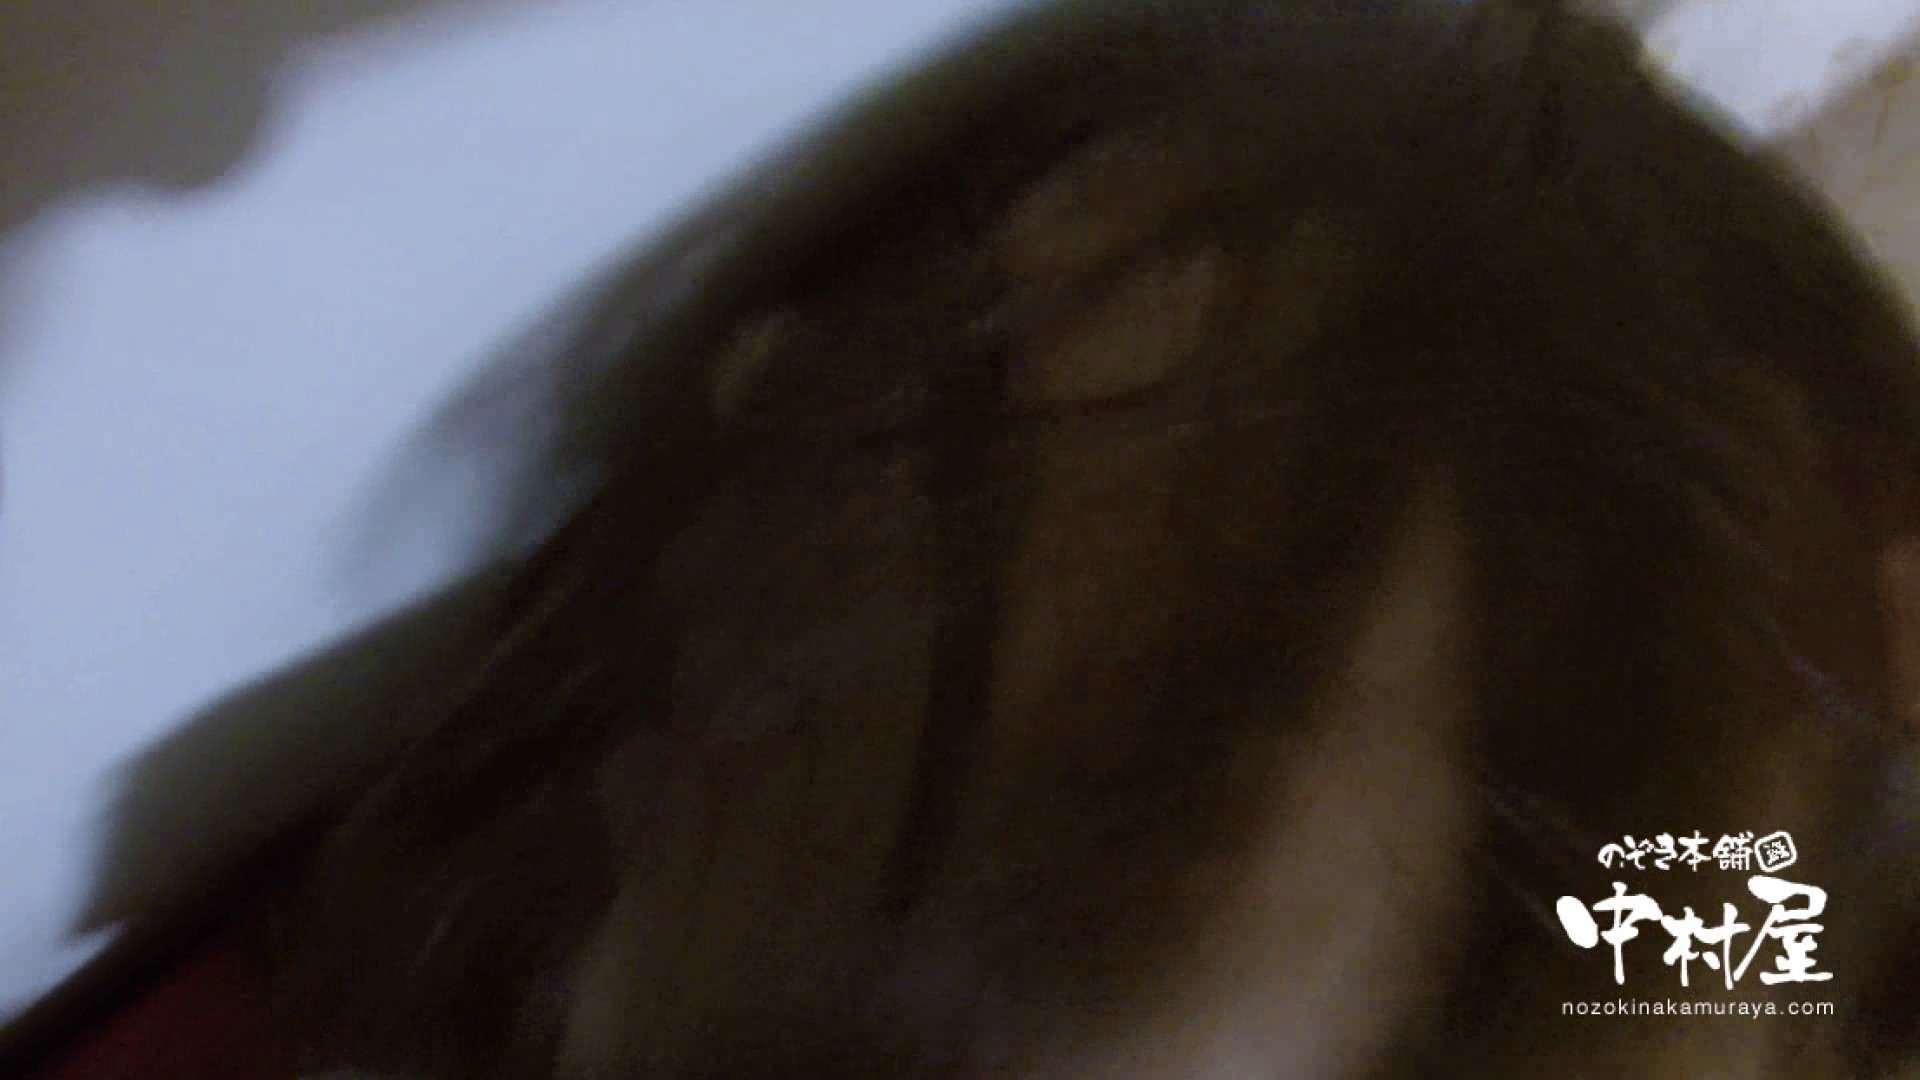 鬼畜 vol.05 誰にも言うなよ! はぃ… 後編 OLエロ画像   鬼畜  99PICs 13